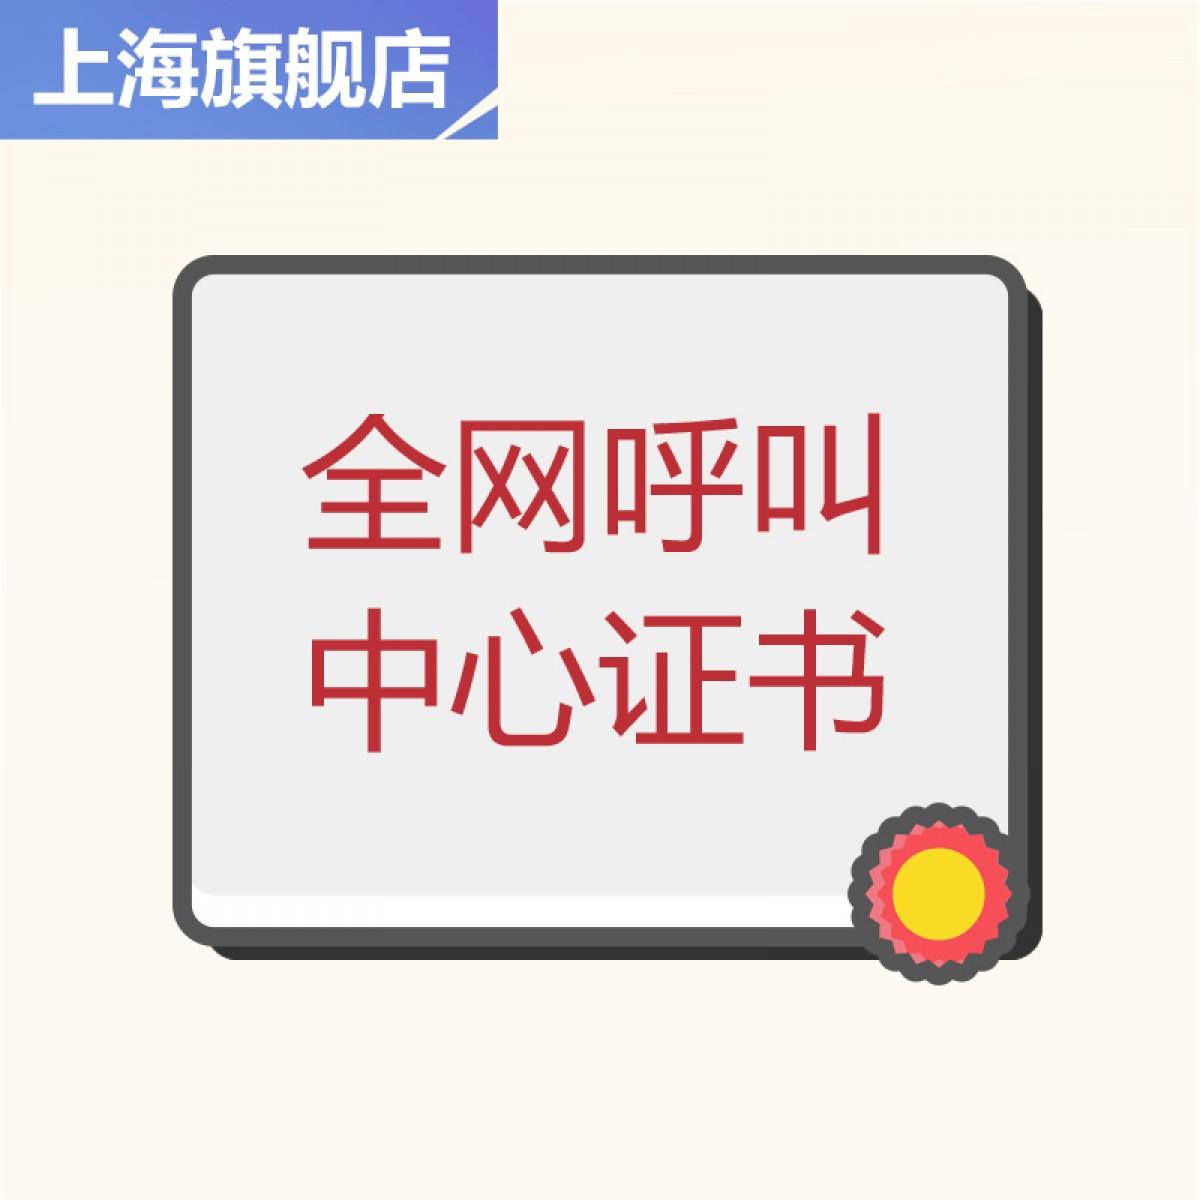 全网呼叫中心许可证 40-60个工作日 公司宝上海旗舰店 上海 增值电信